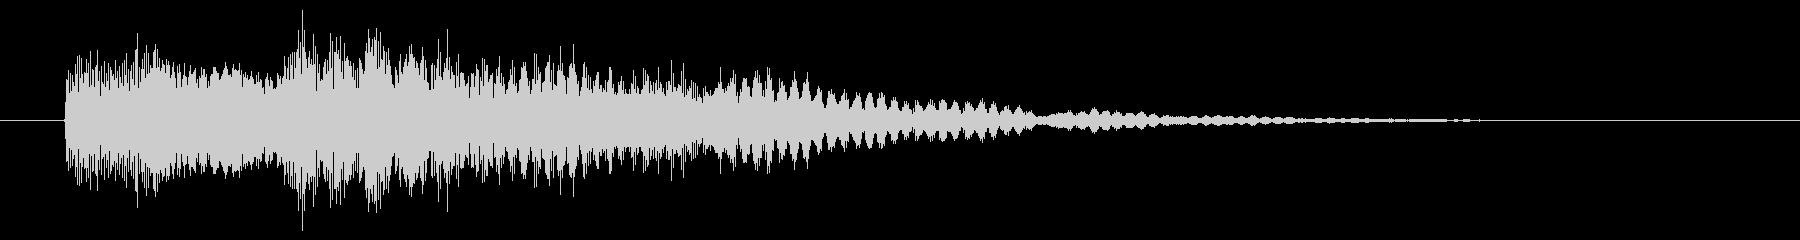 チャリン(お金・マネー・コインゲット)の未再生の波形